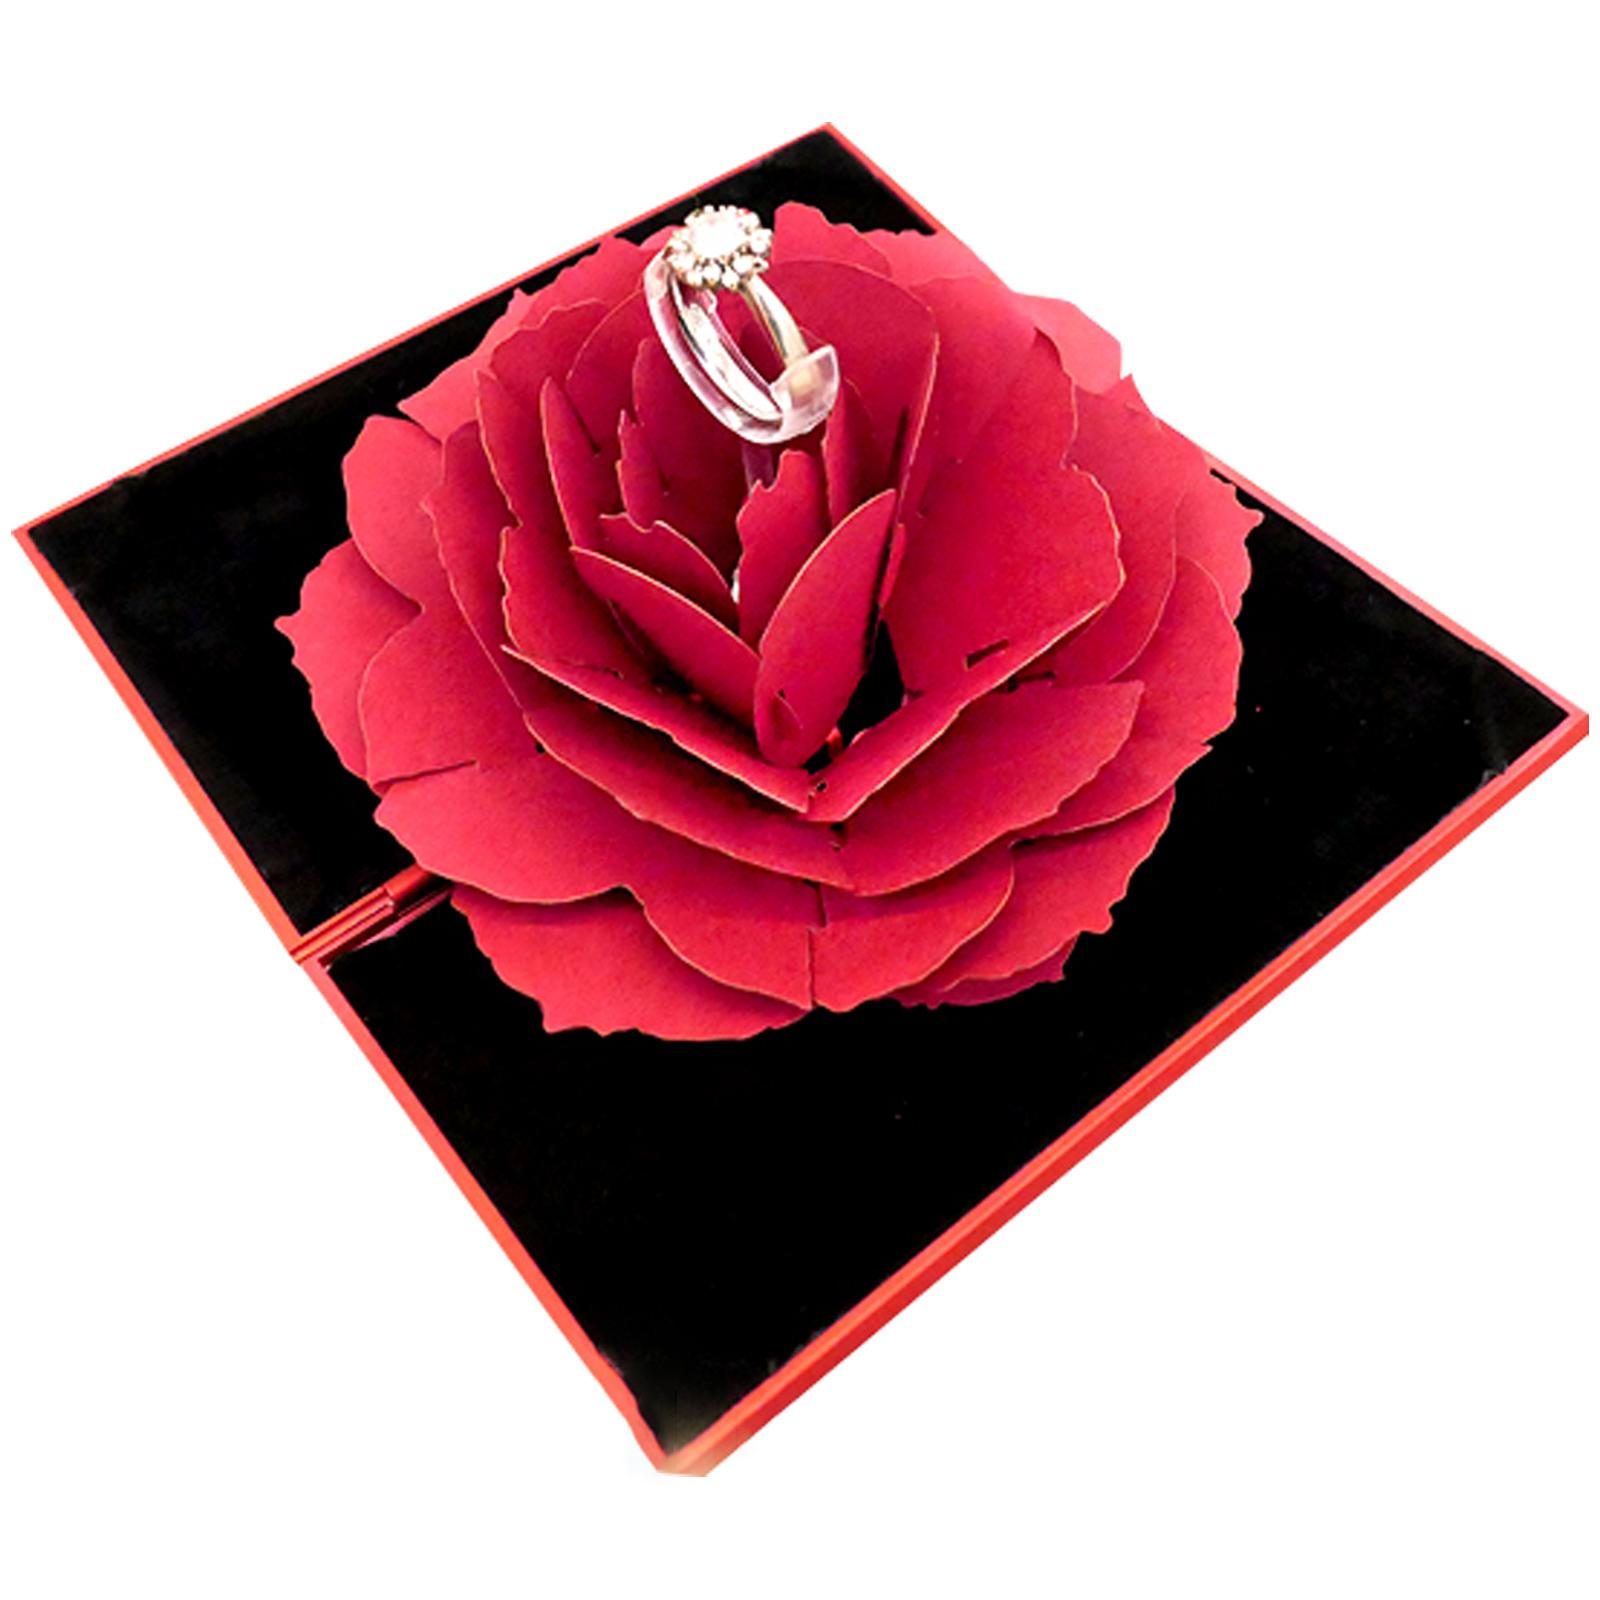 로즈 입체 반지 선물 케이스, 레드, 1개